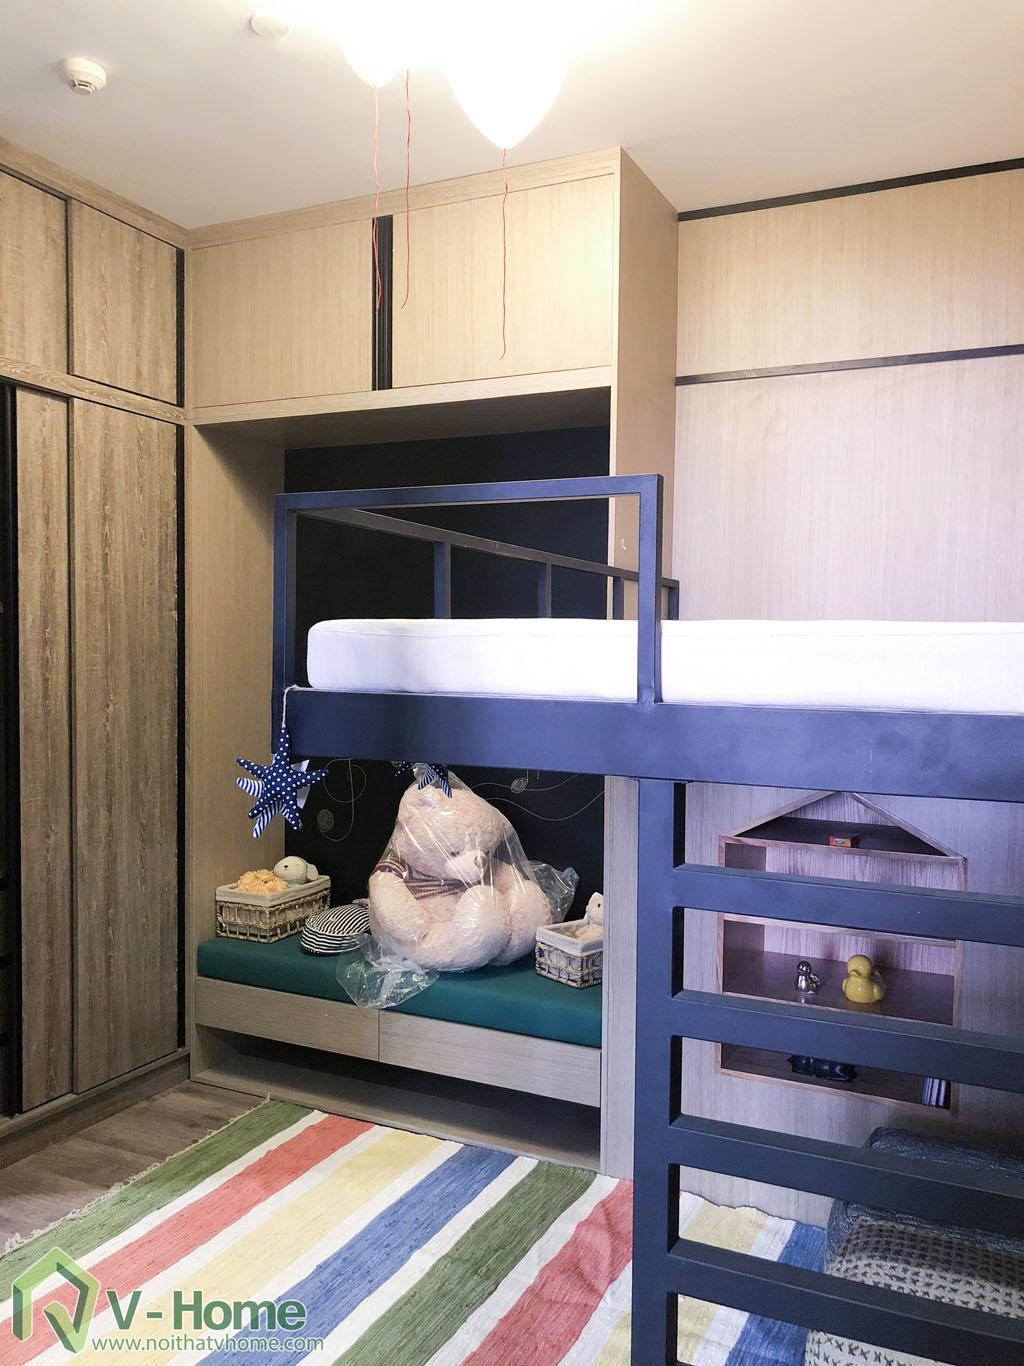 2.thi-cong-phong-ngu-chung-cu-summer-11 Thi công nội thất chung cư Summer Residence Capitaland - 2 phòng ngủ